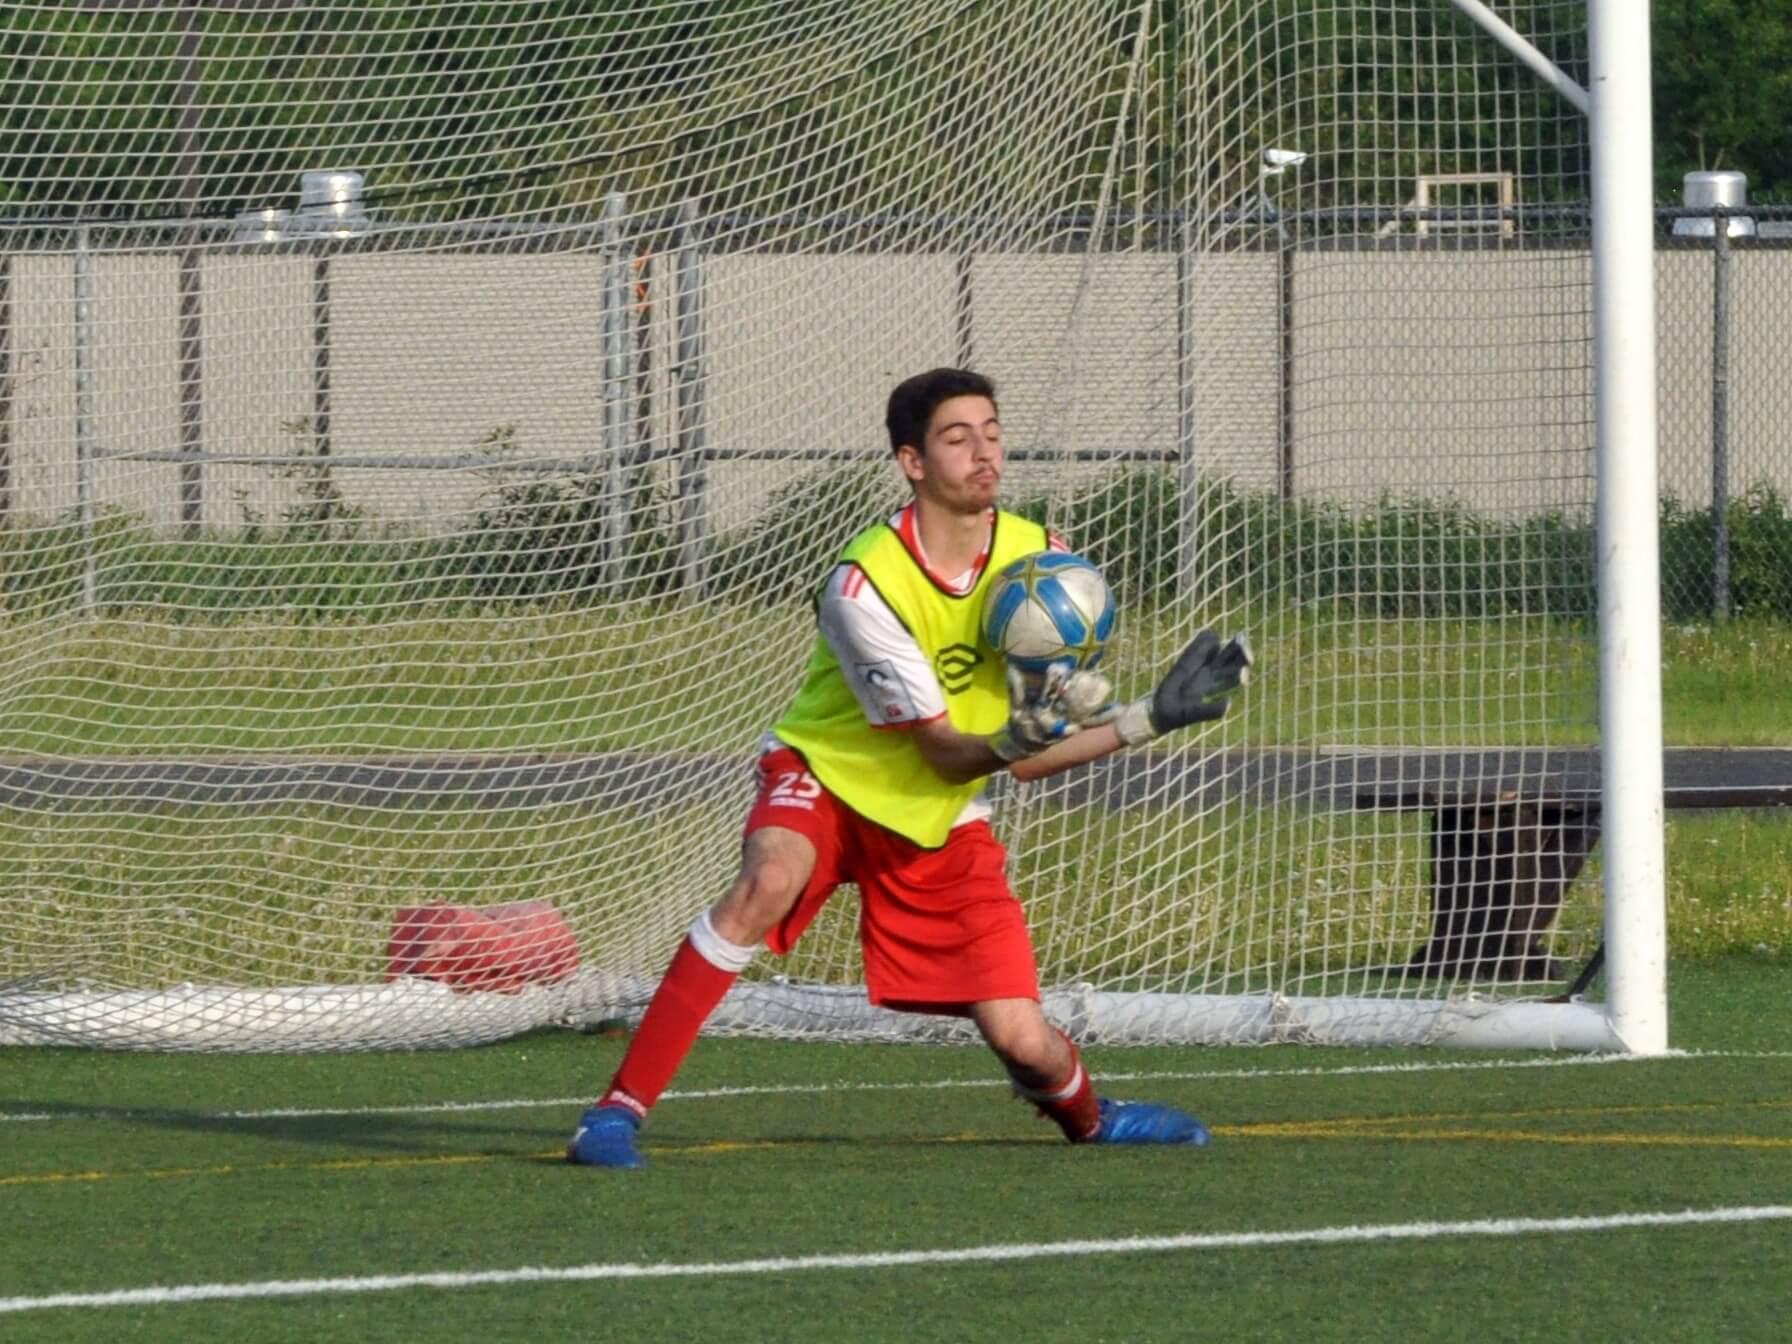 Boreal U21 Isaac Lajeunesse